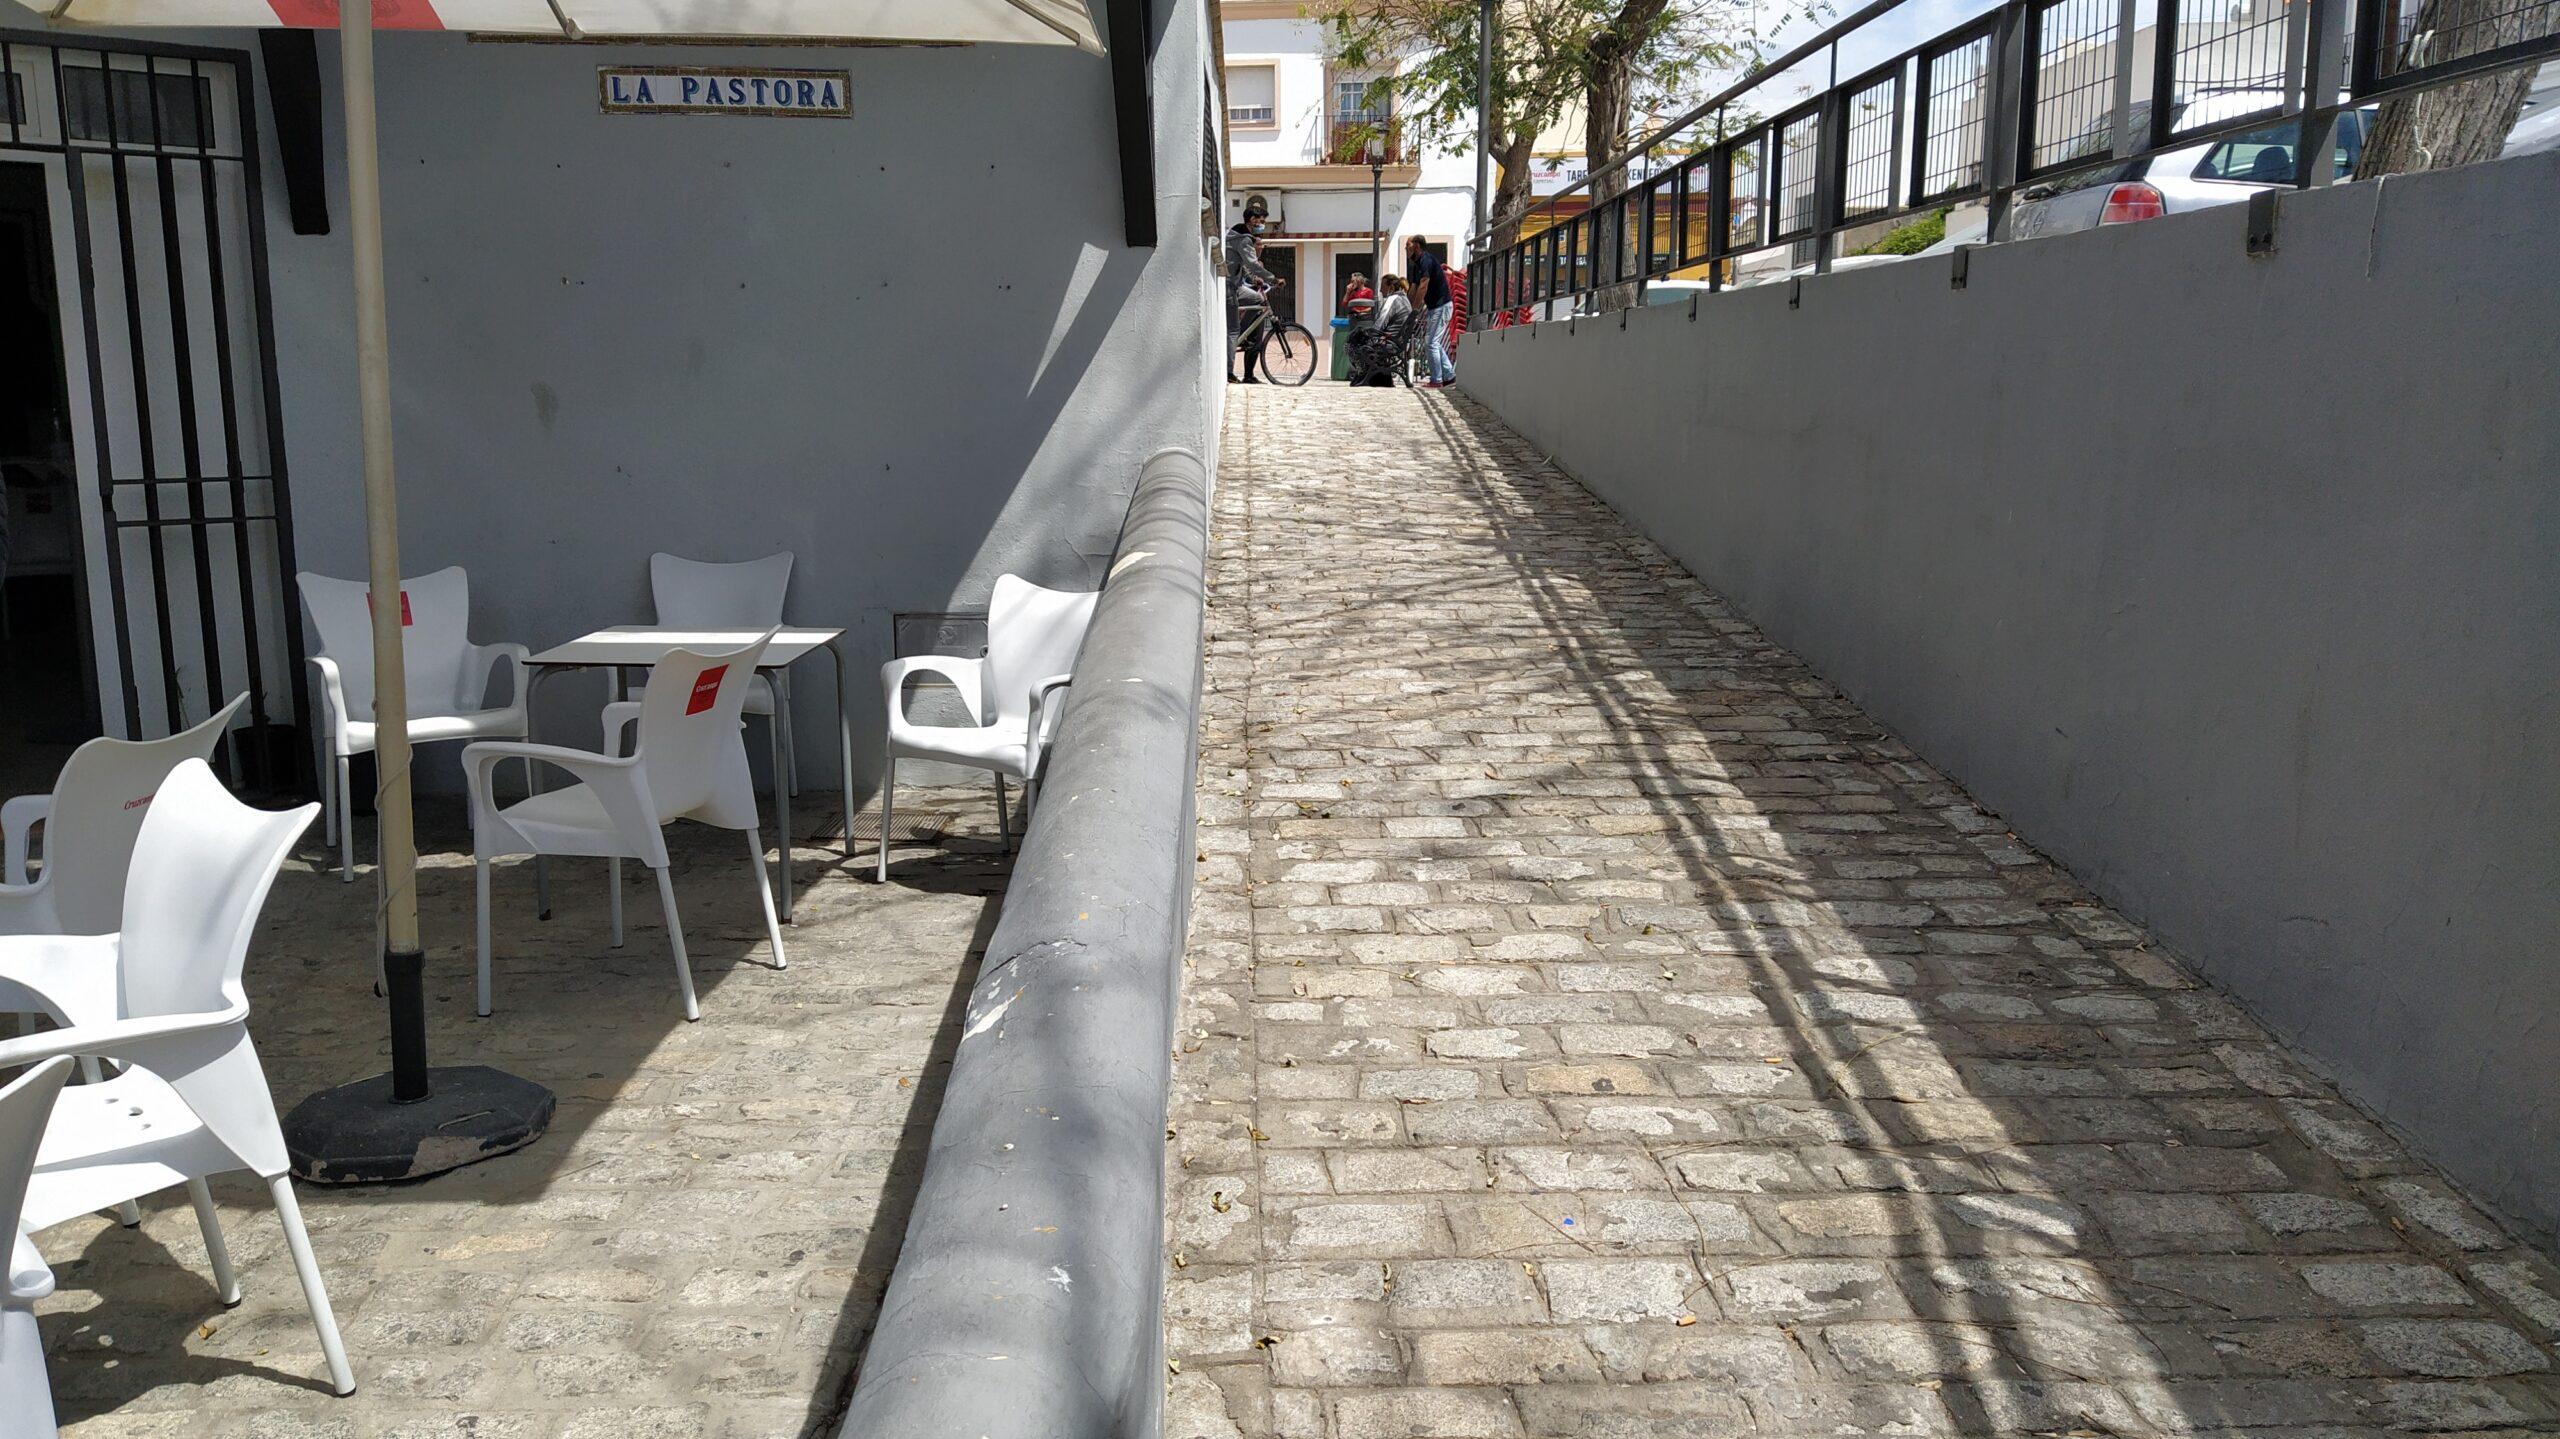 Podemos critica que el barrio de la Pastora siga sin conocer los planes de mejoras de su barriada